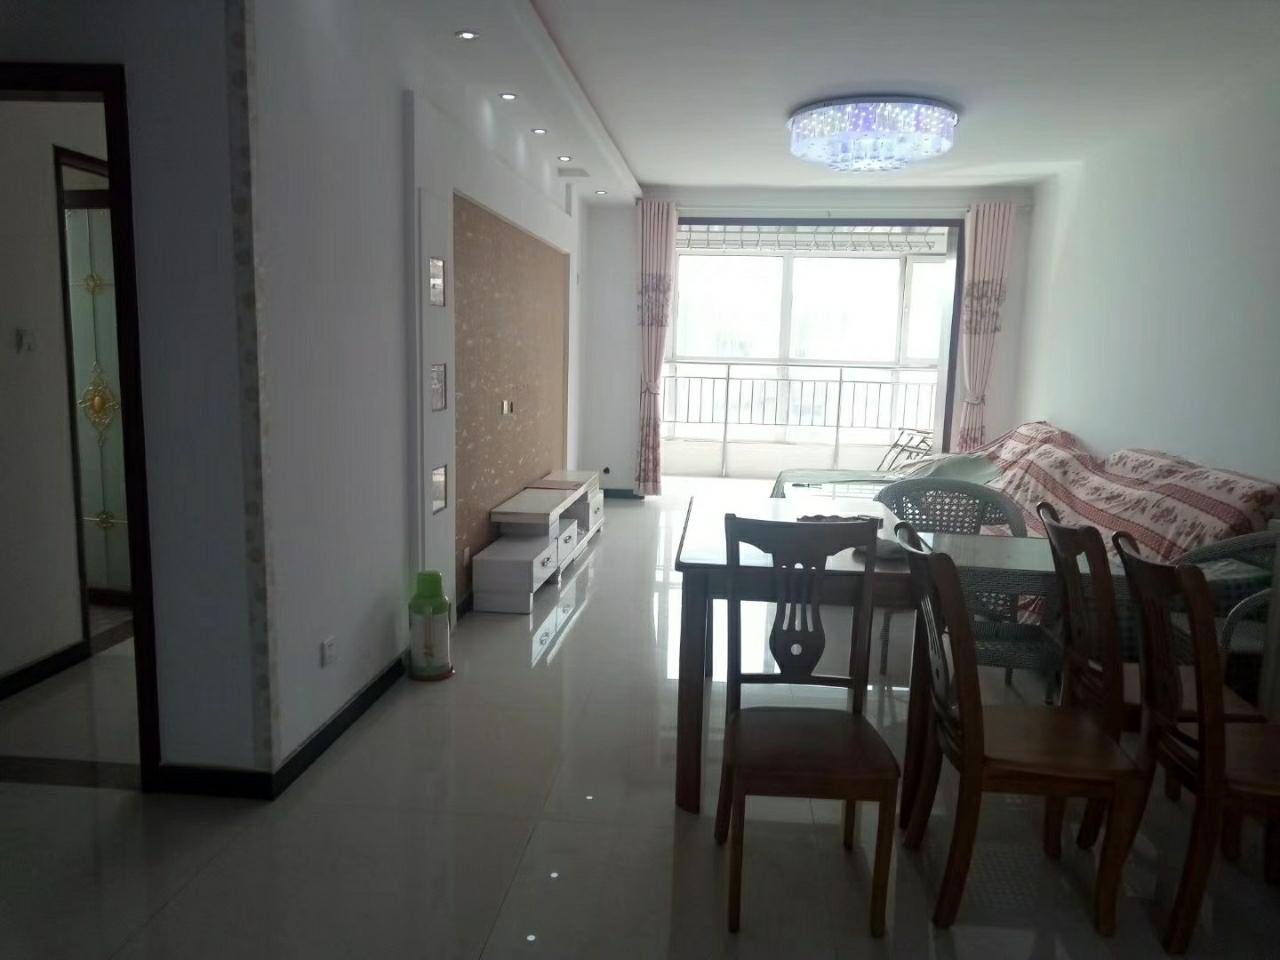 凤凰城3室2厅2卫90万元精装修带小房